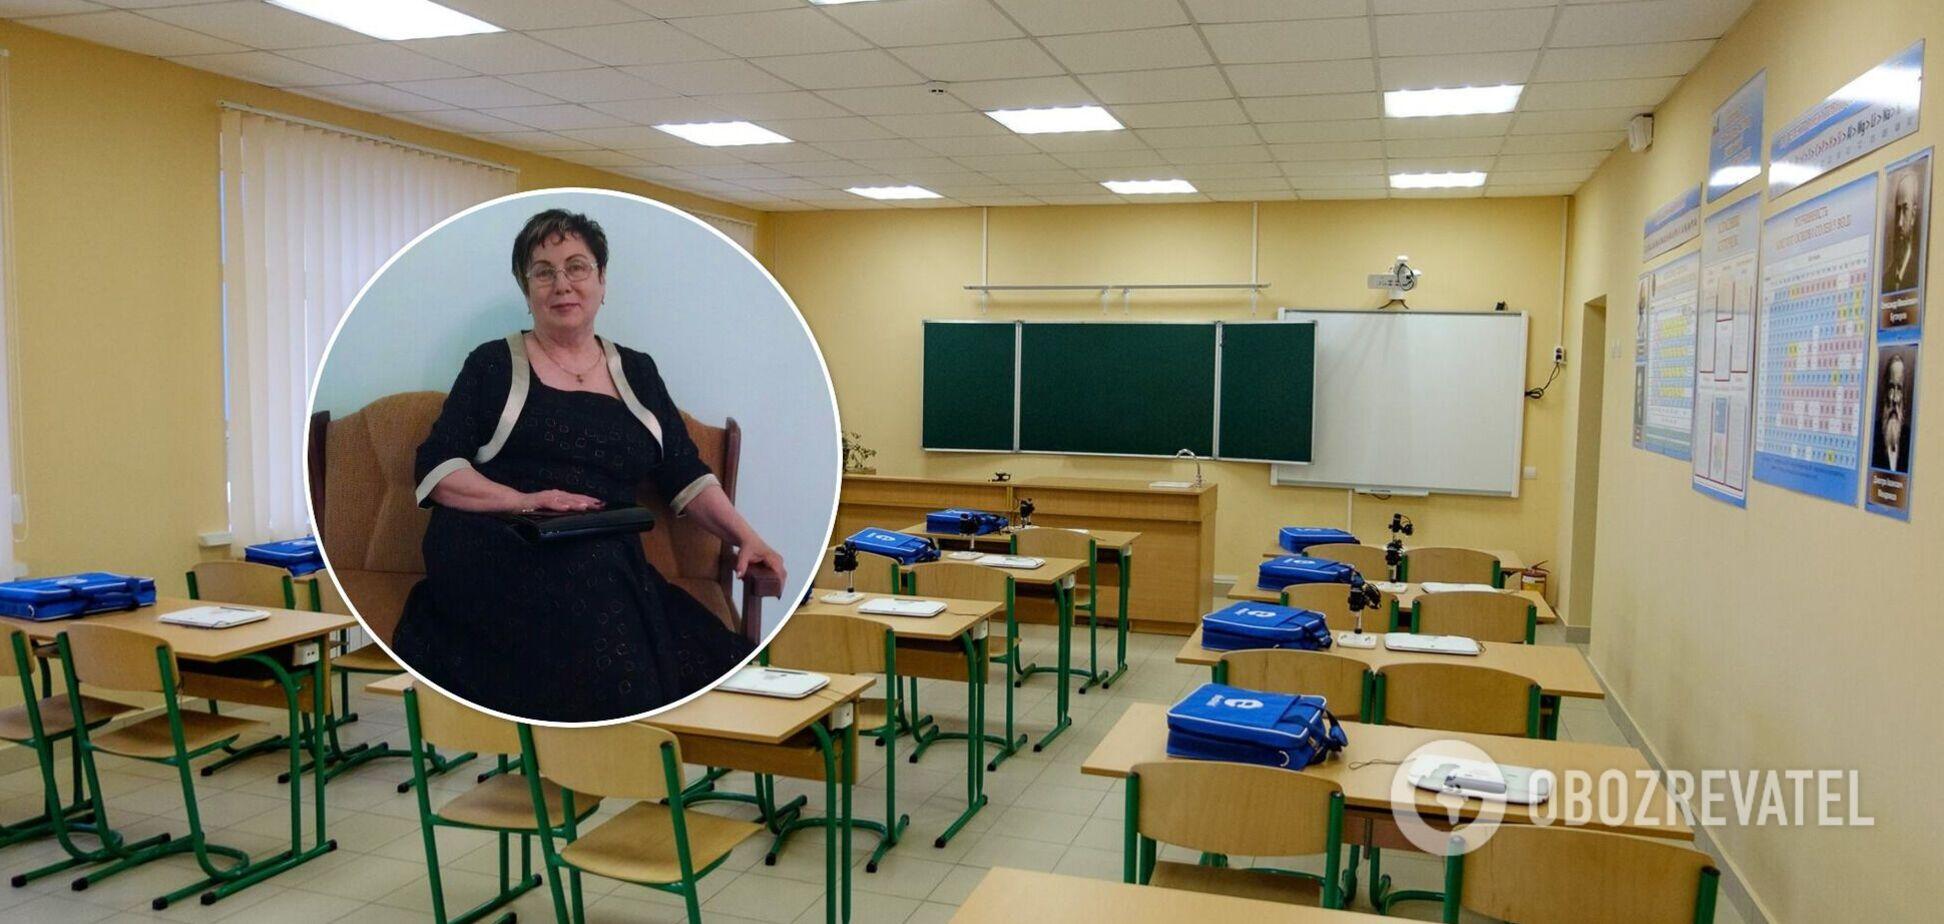 На Львівщині директорка обізвала школярів 'целюлітними', а їхній одяг – 'для збору полуниці'. Аудіо